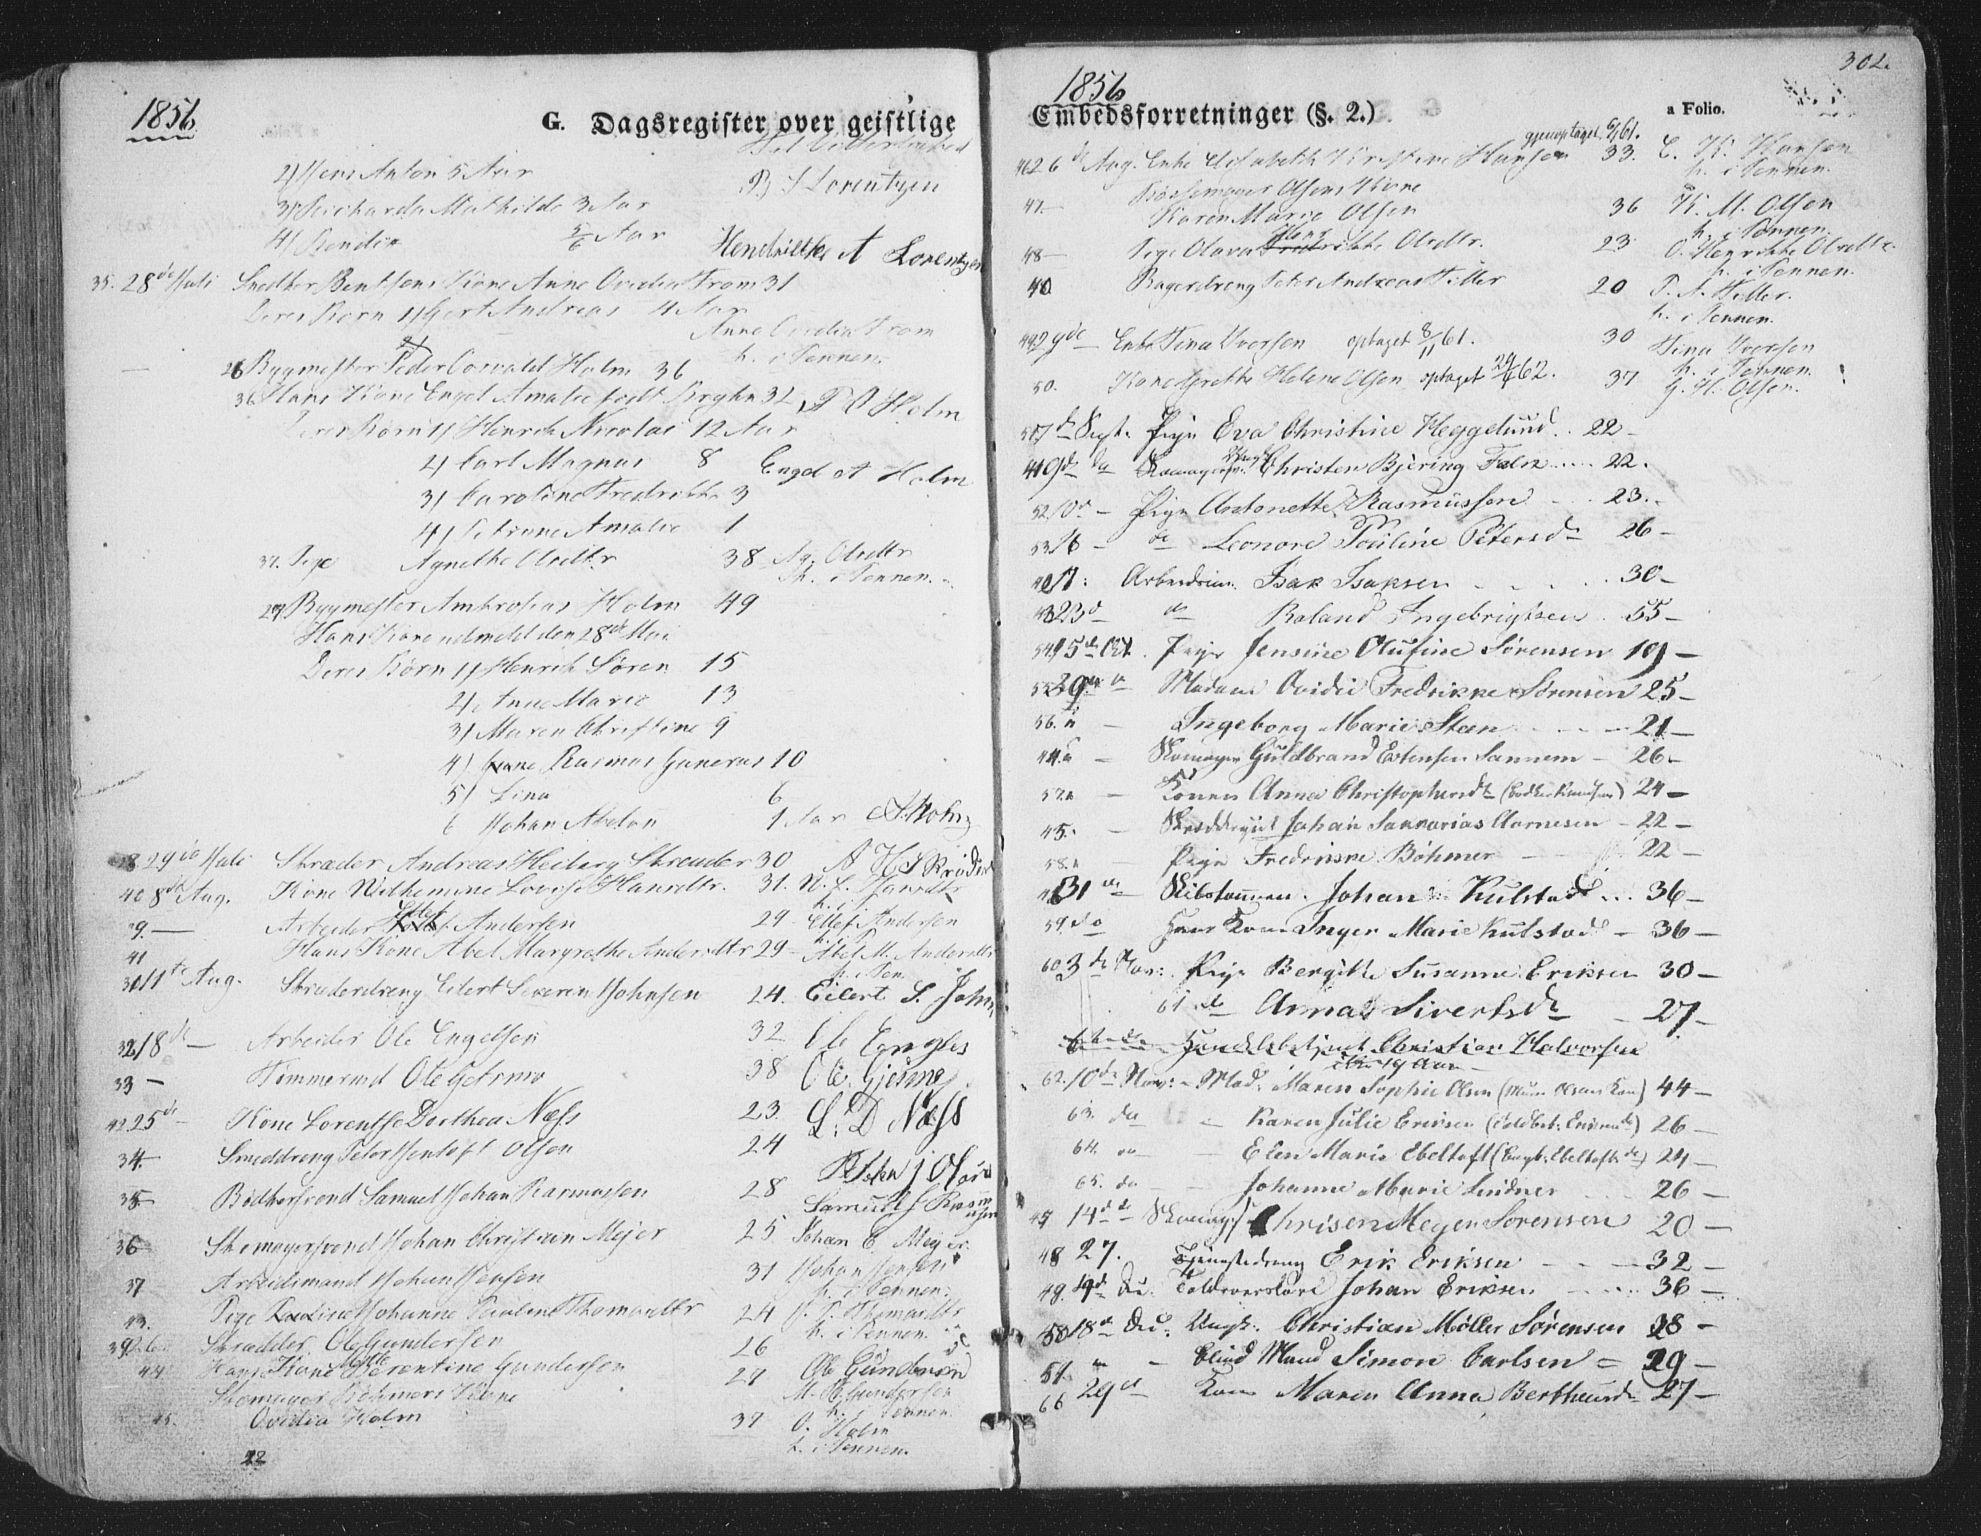 SATØ, Tromsø sokneprestkontor/stiftsprosti/domprosti, G/Ga/L0011kirke: Ministerialbok nr. 11, 1856-1865, s. 302